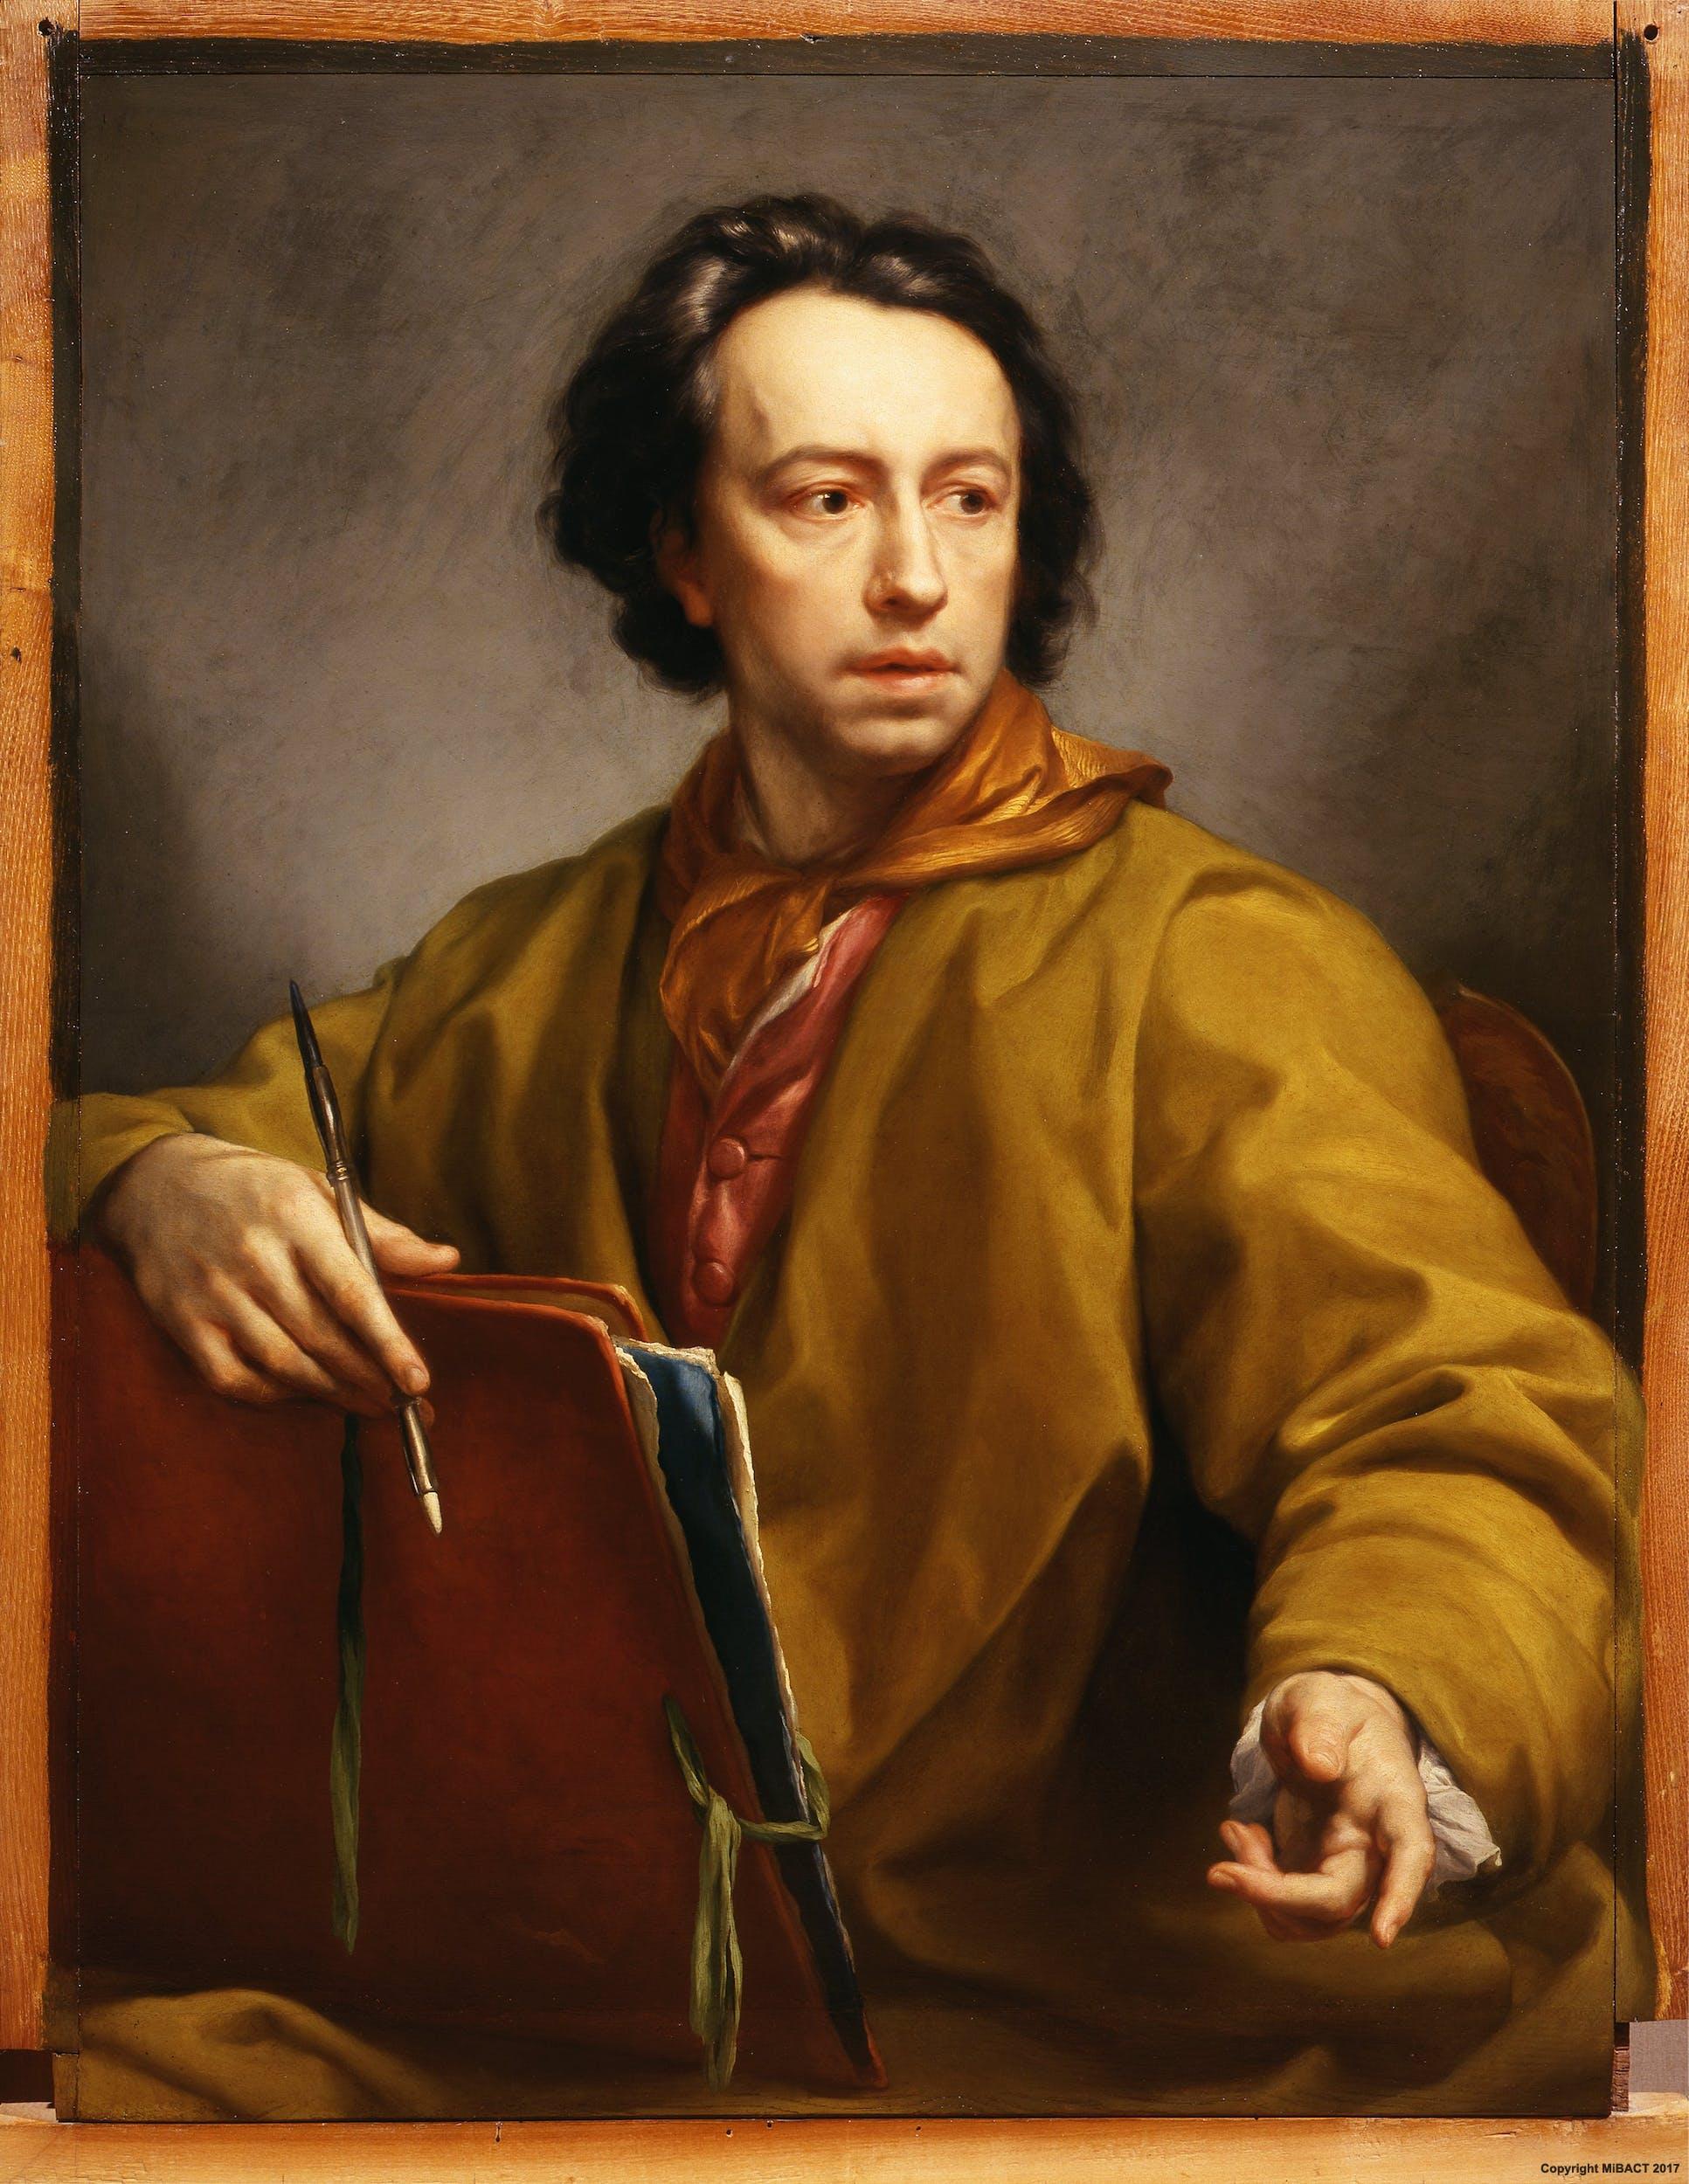 Fig. 4, Anton Raphael Mengs, Autoritratto